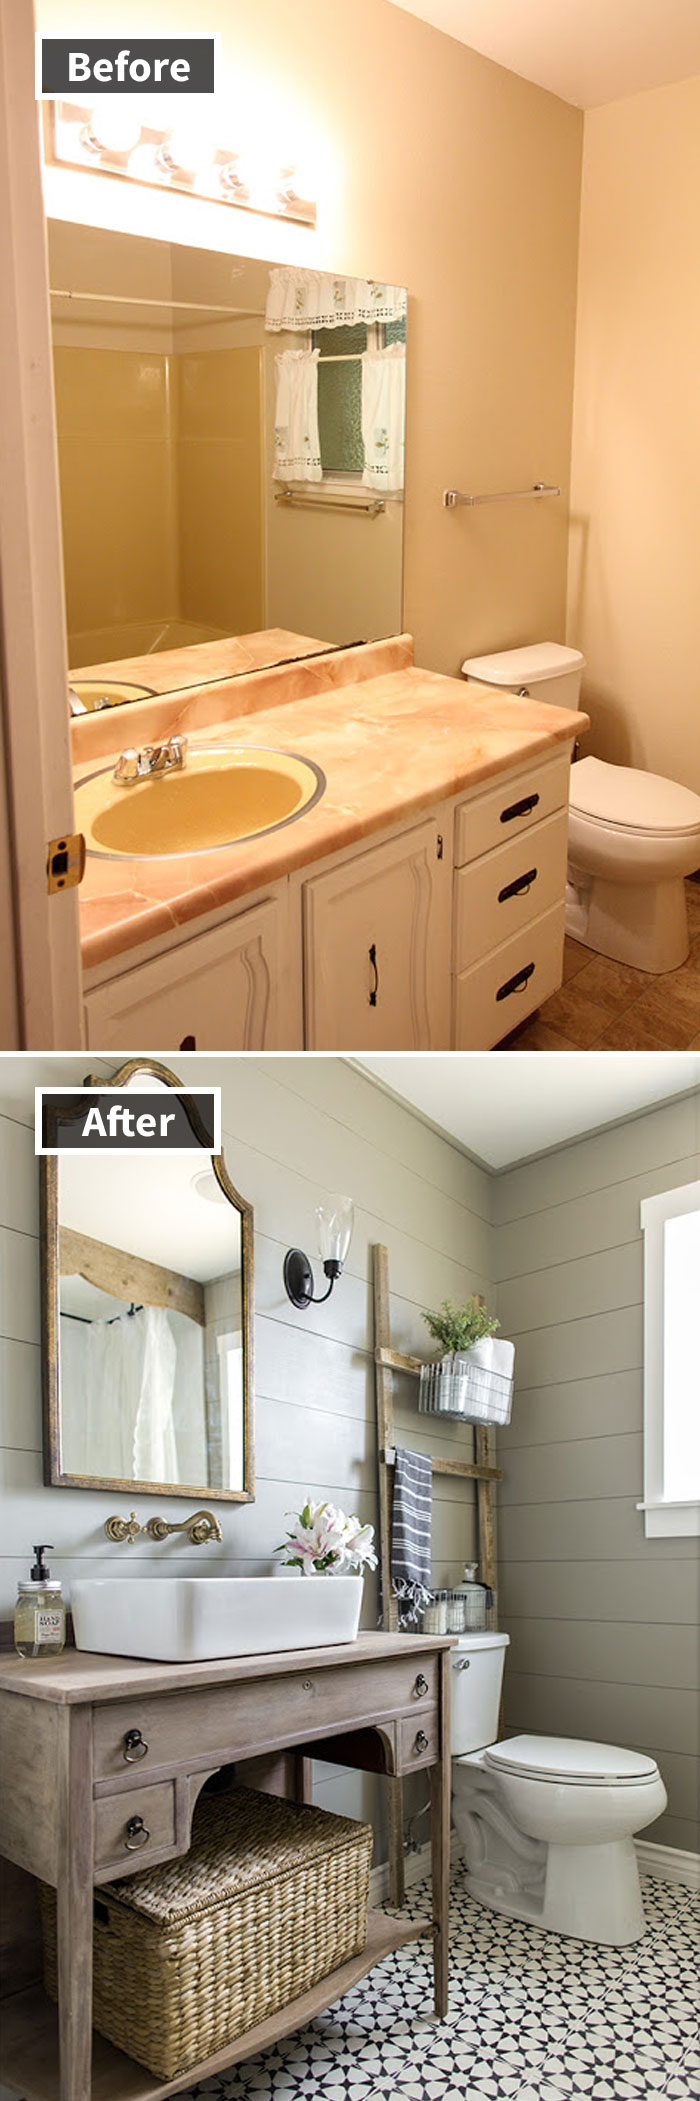 Transformación del baño